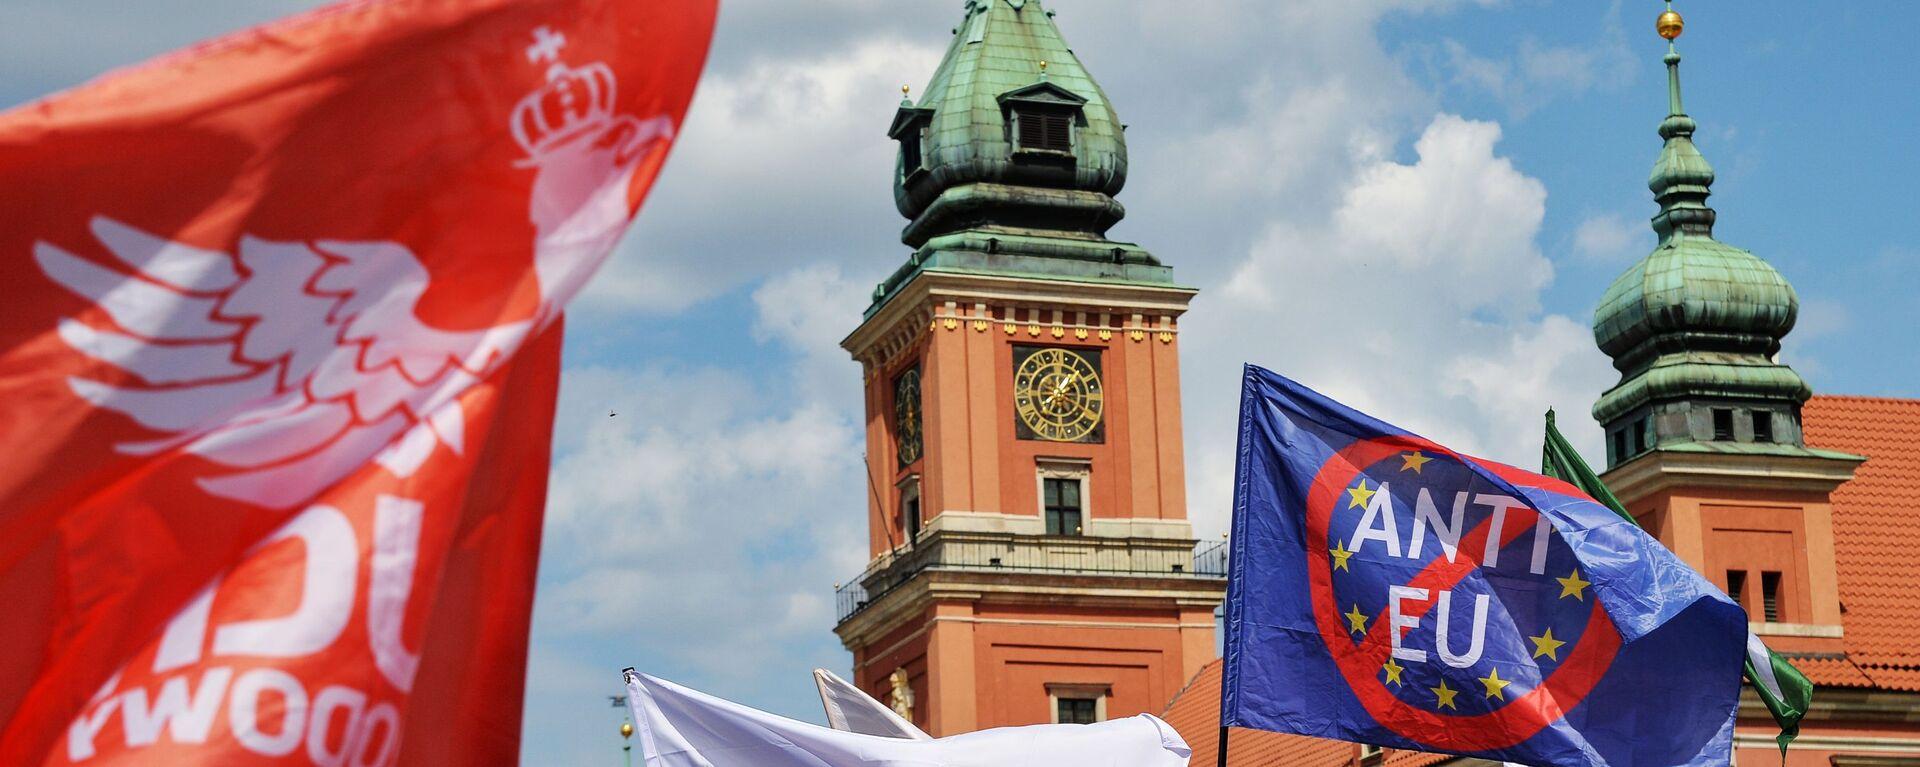 Sprzeciw wobec członkostwa Polski w UE - Sputnik Polska, 1920, 15.09.2021